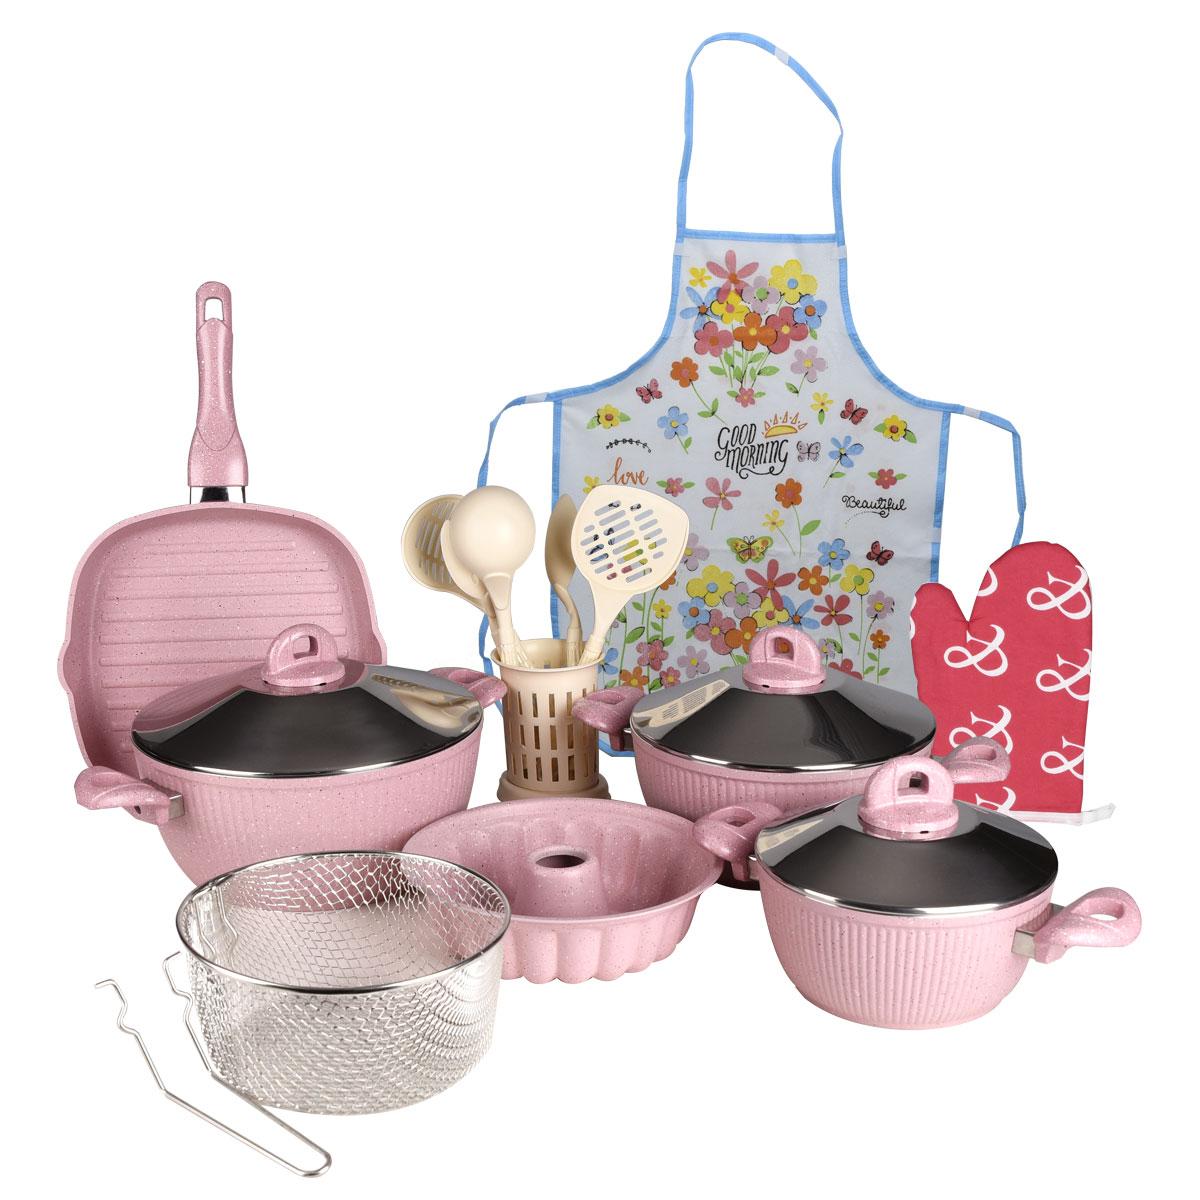 طقم قدور طبخ جرانيت تركي , 18 قطعه مع الاغطية لون وردي